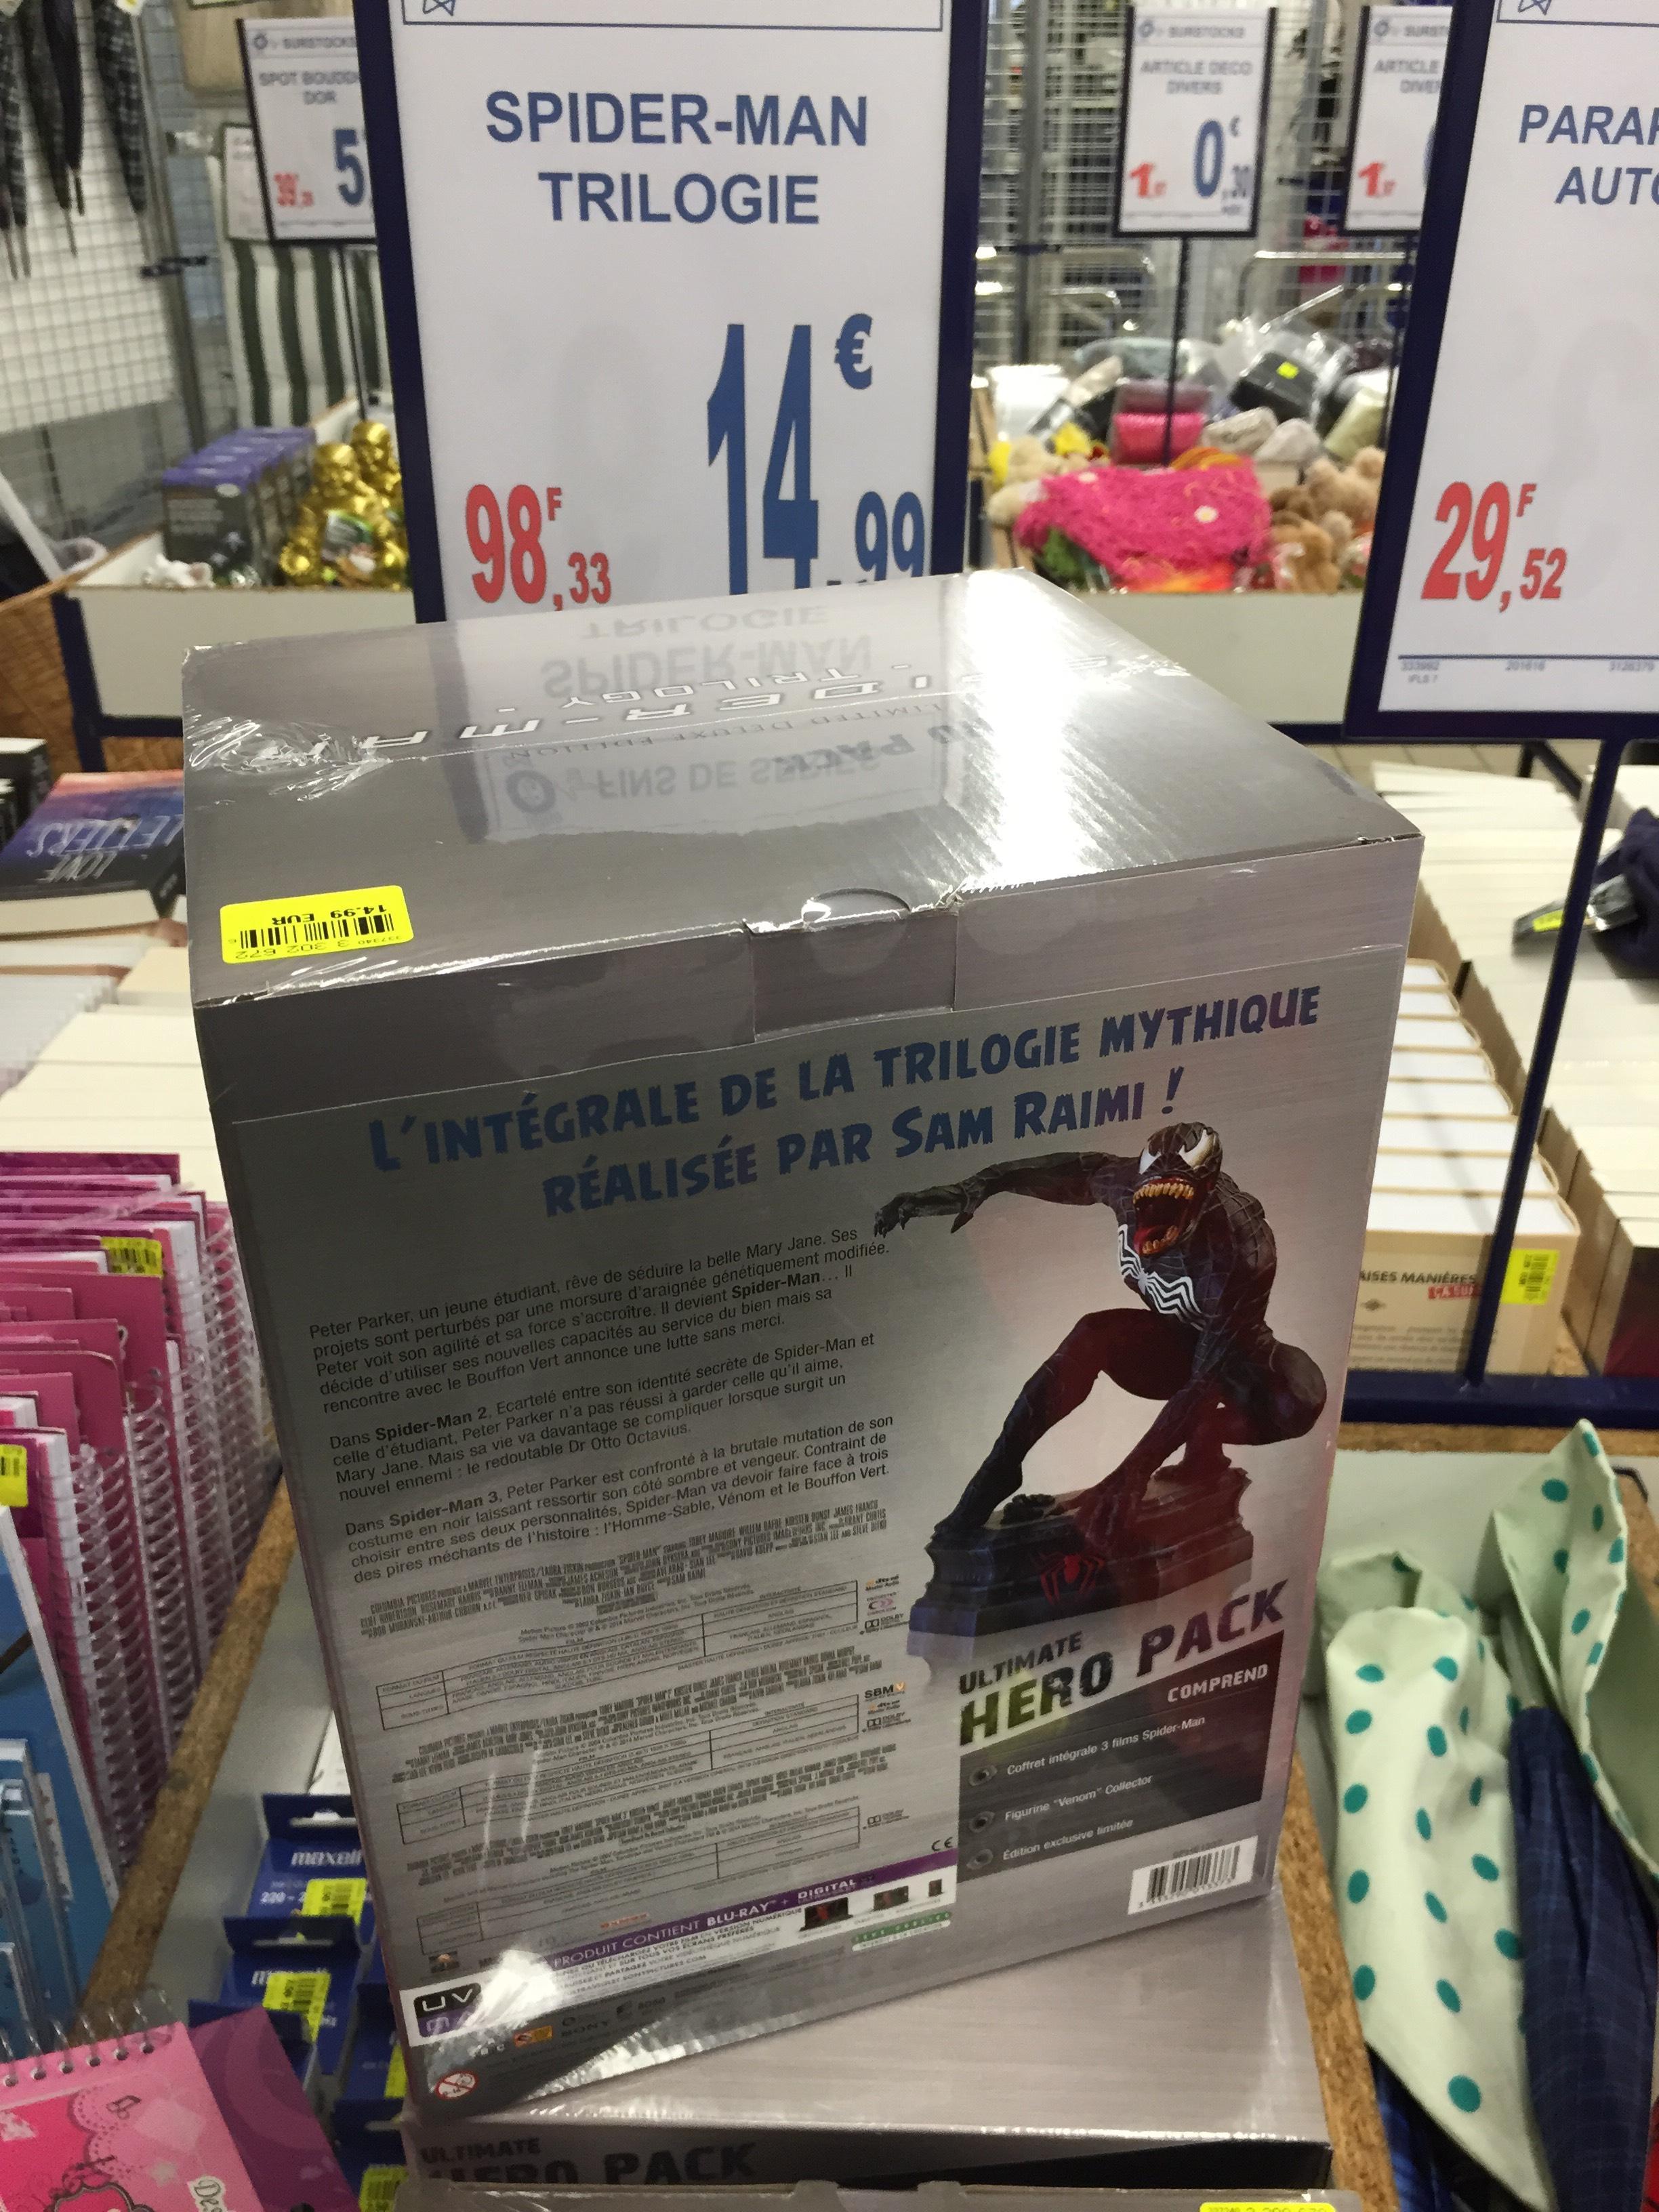 Coffret Blu-ray : Trilogie Spider-Man Hero Pack + figurine Venom